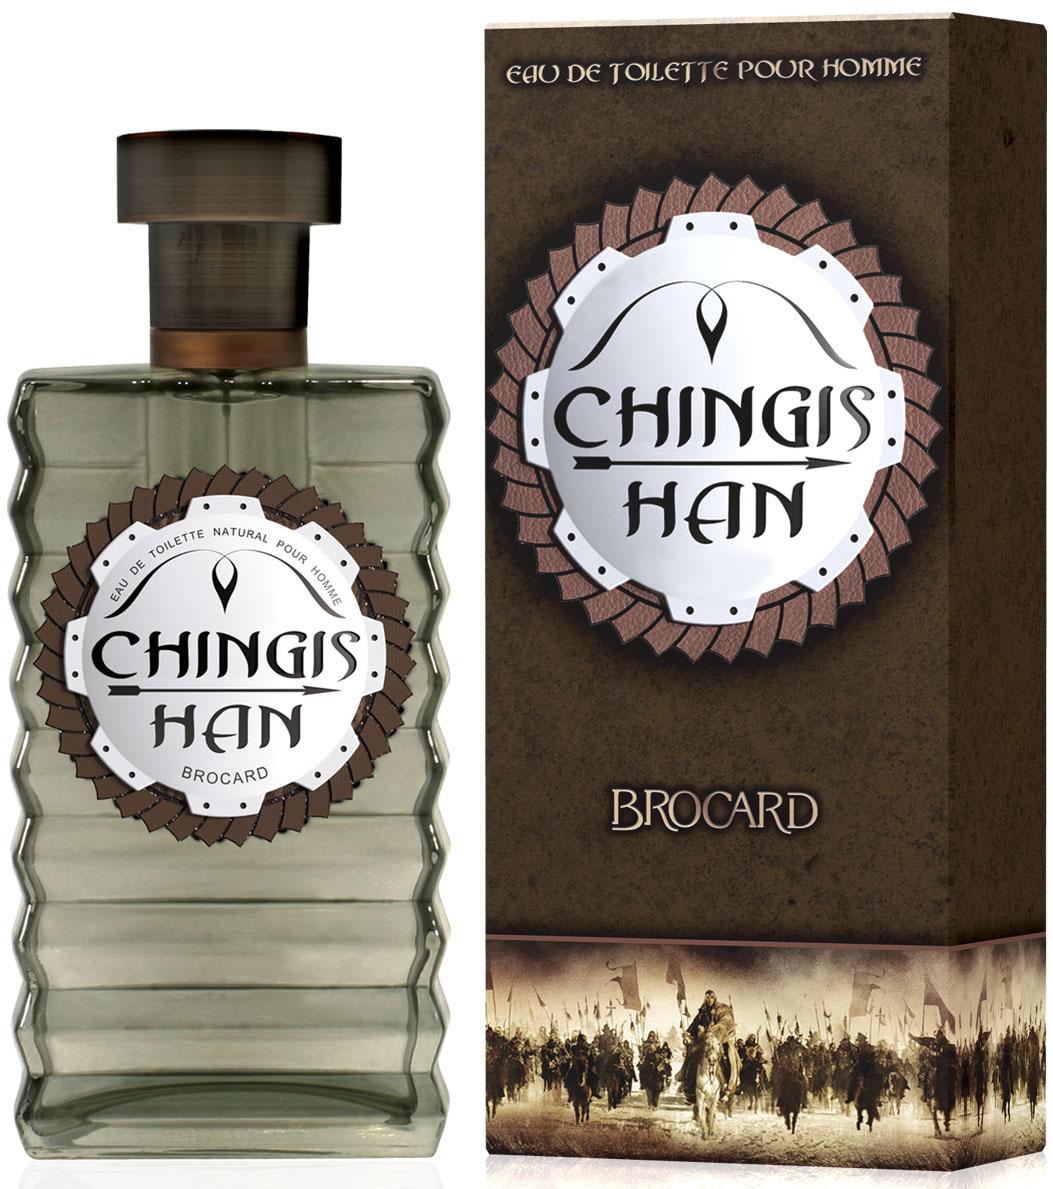 Brocard Chingishan Туалетная вода для мужчин, 100 мл394733Верхние ноты: бергамот, кордамон Ноты сердца: ананас, роза, лист фиалки Базовые ноты: мох, бобы тонка, древесные, мускусные